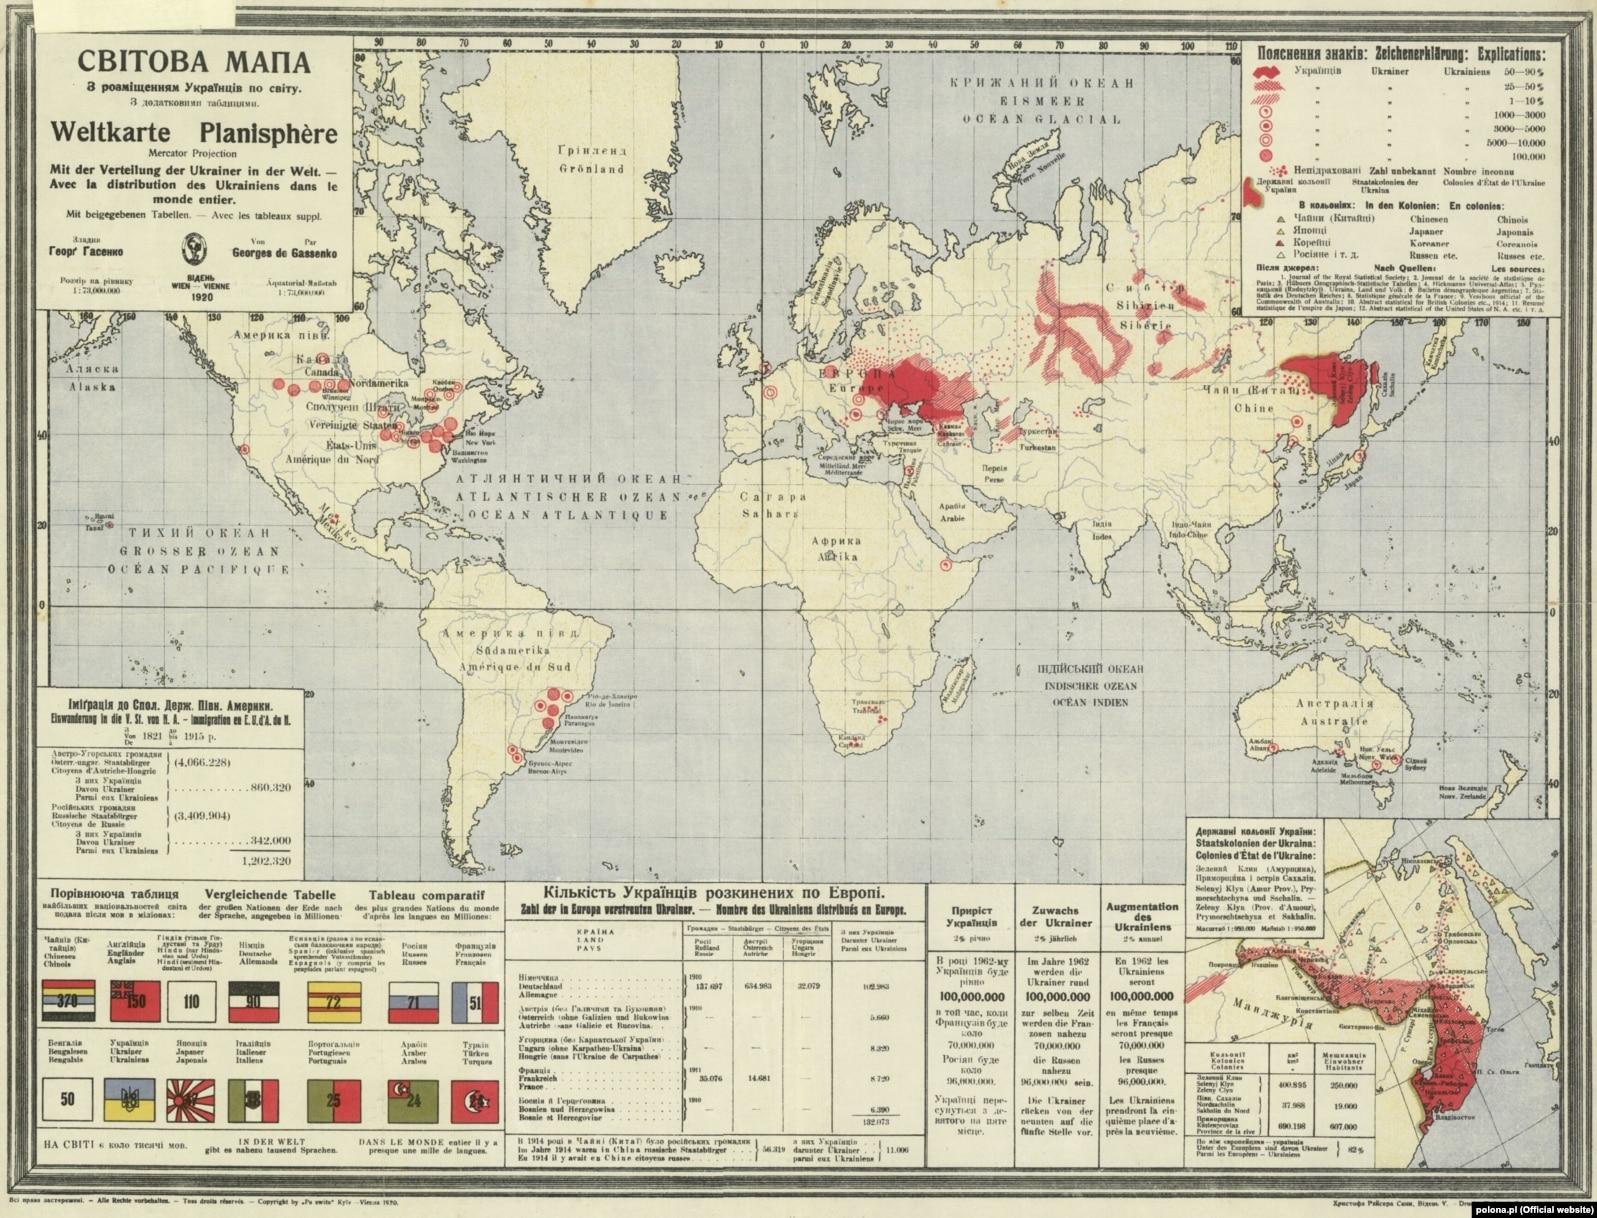 Карта «Світова мапа з розміщенням Українців по світу» Юрія Гасенка, видана в 1920 році у Відні. (Щоб відкрити мапу у більшому форматі, натисніть на зображення. Відкриється у новому вікні)